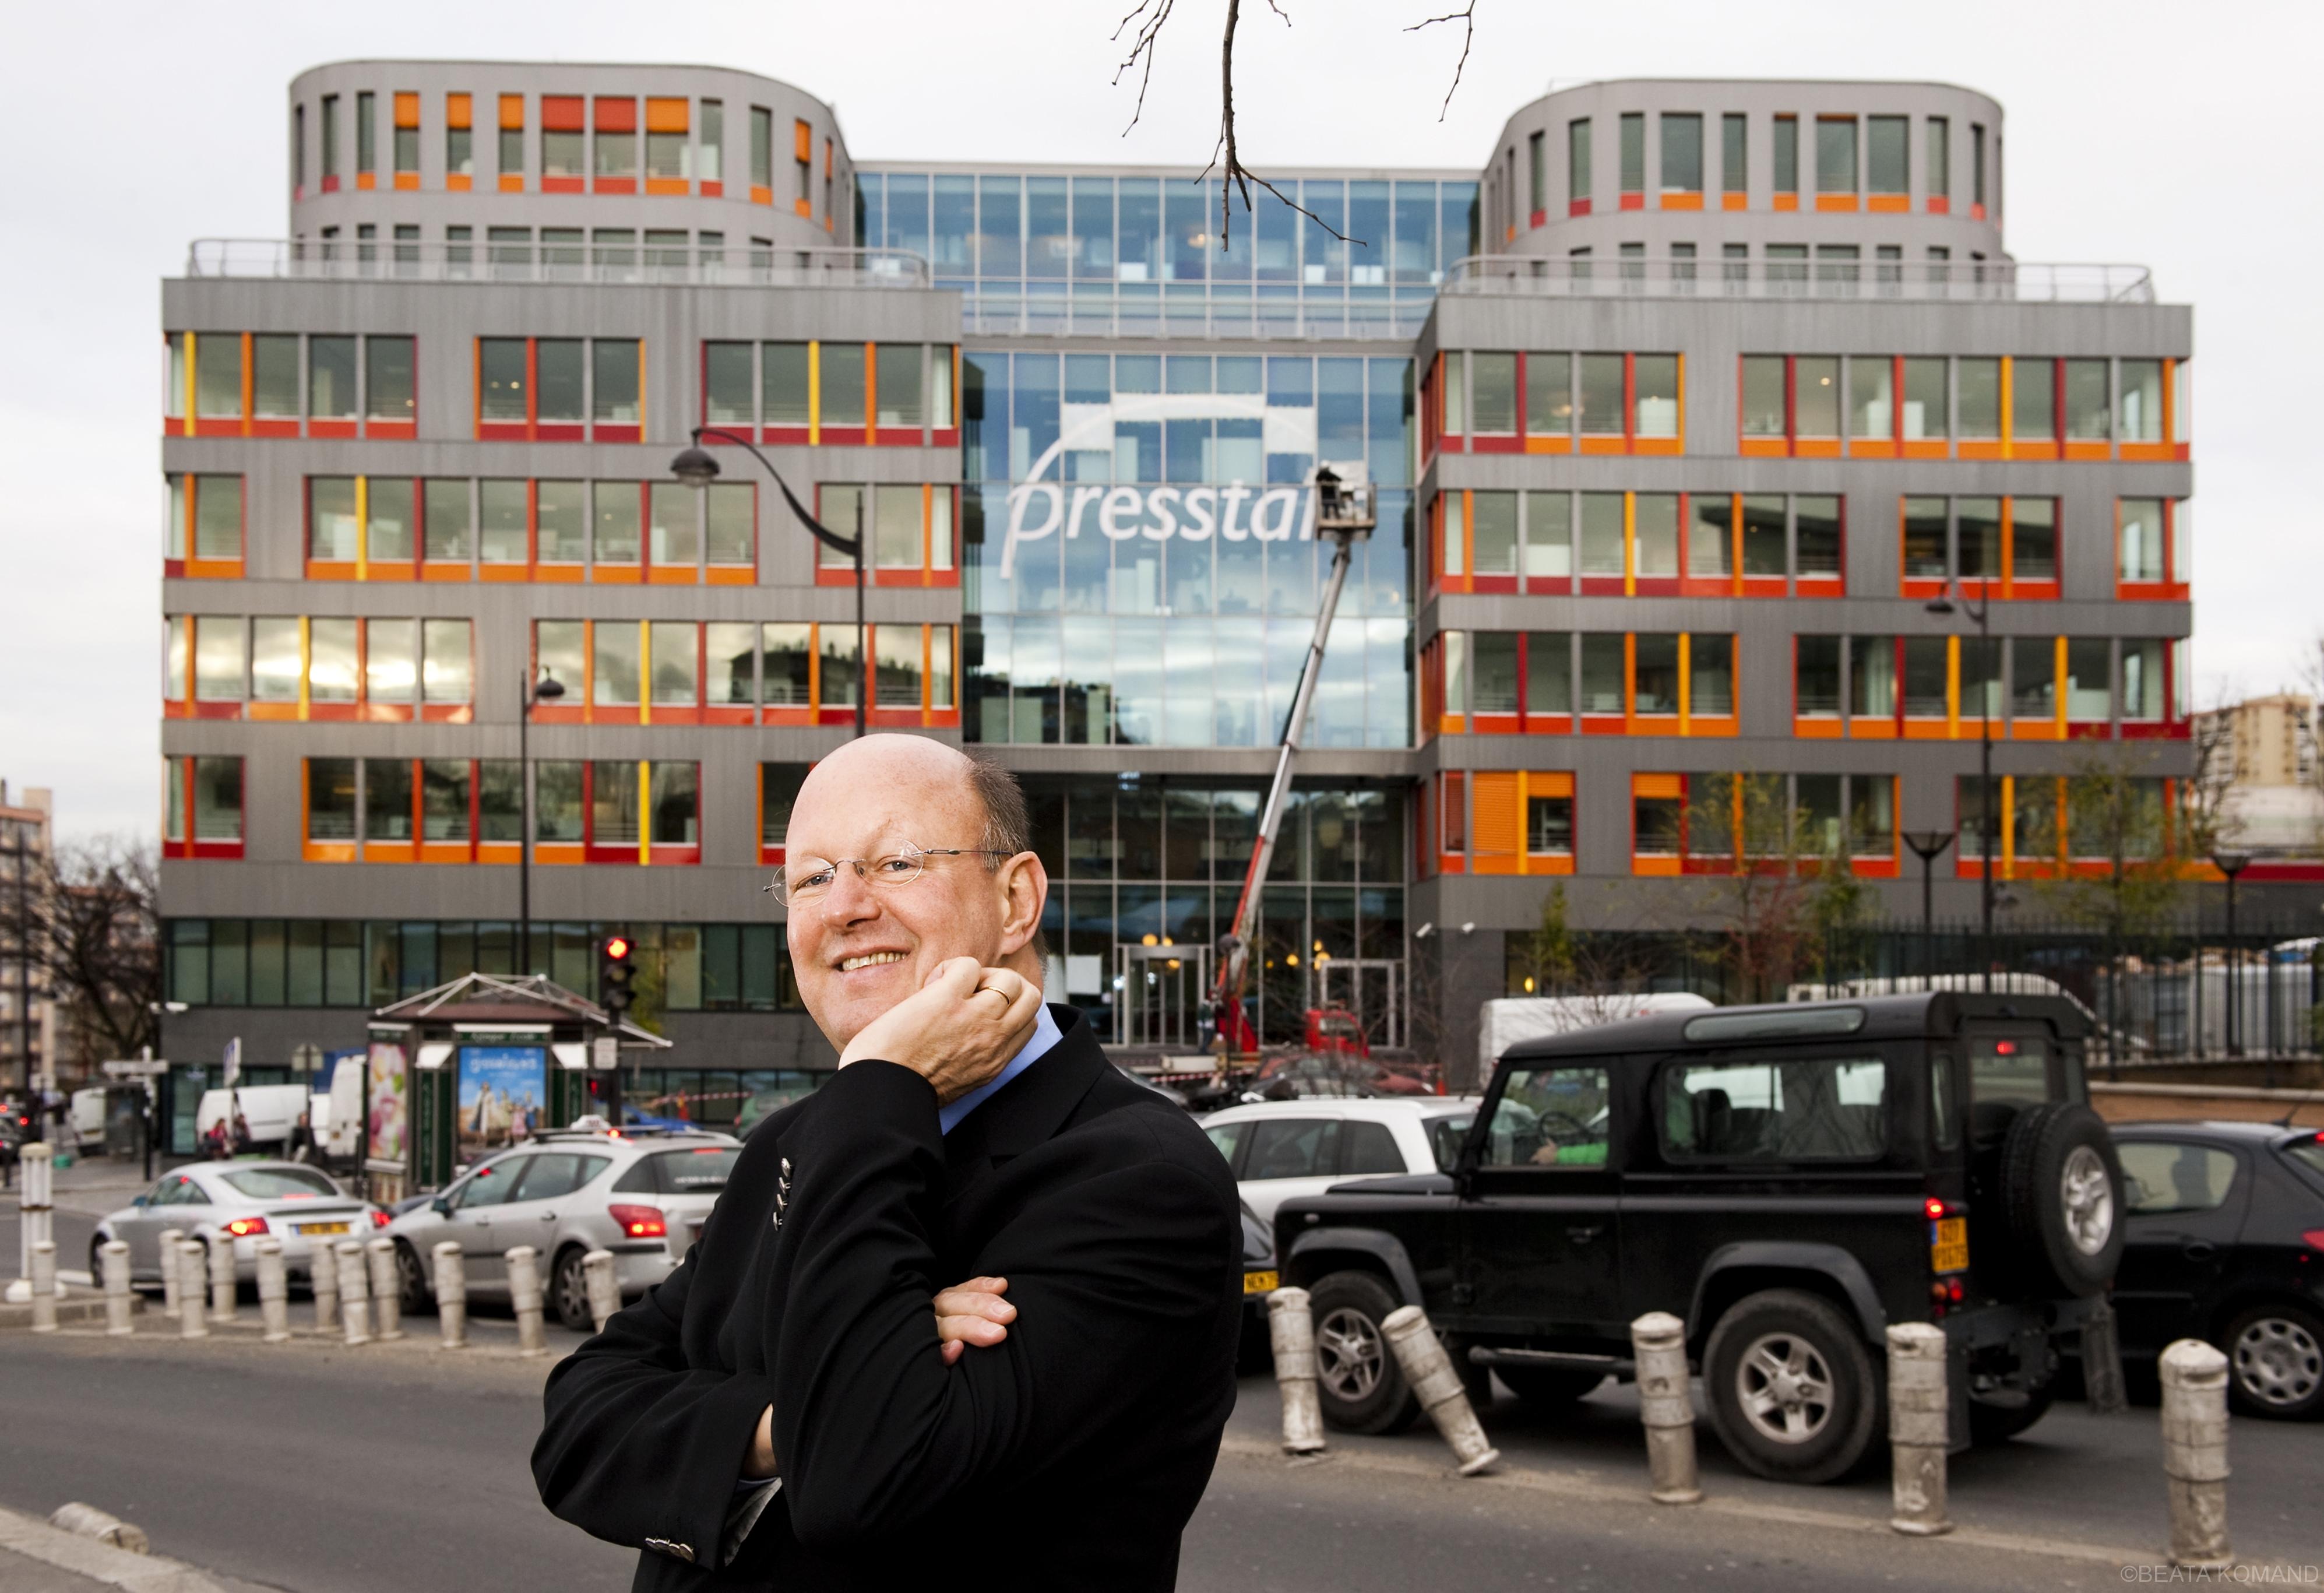 Remy Pflimlin, actuellement président de France Télévisions devant Prestalis